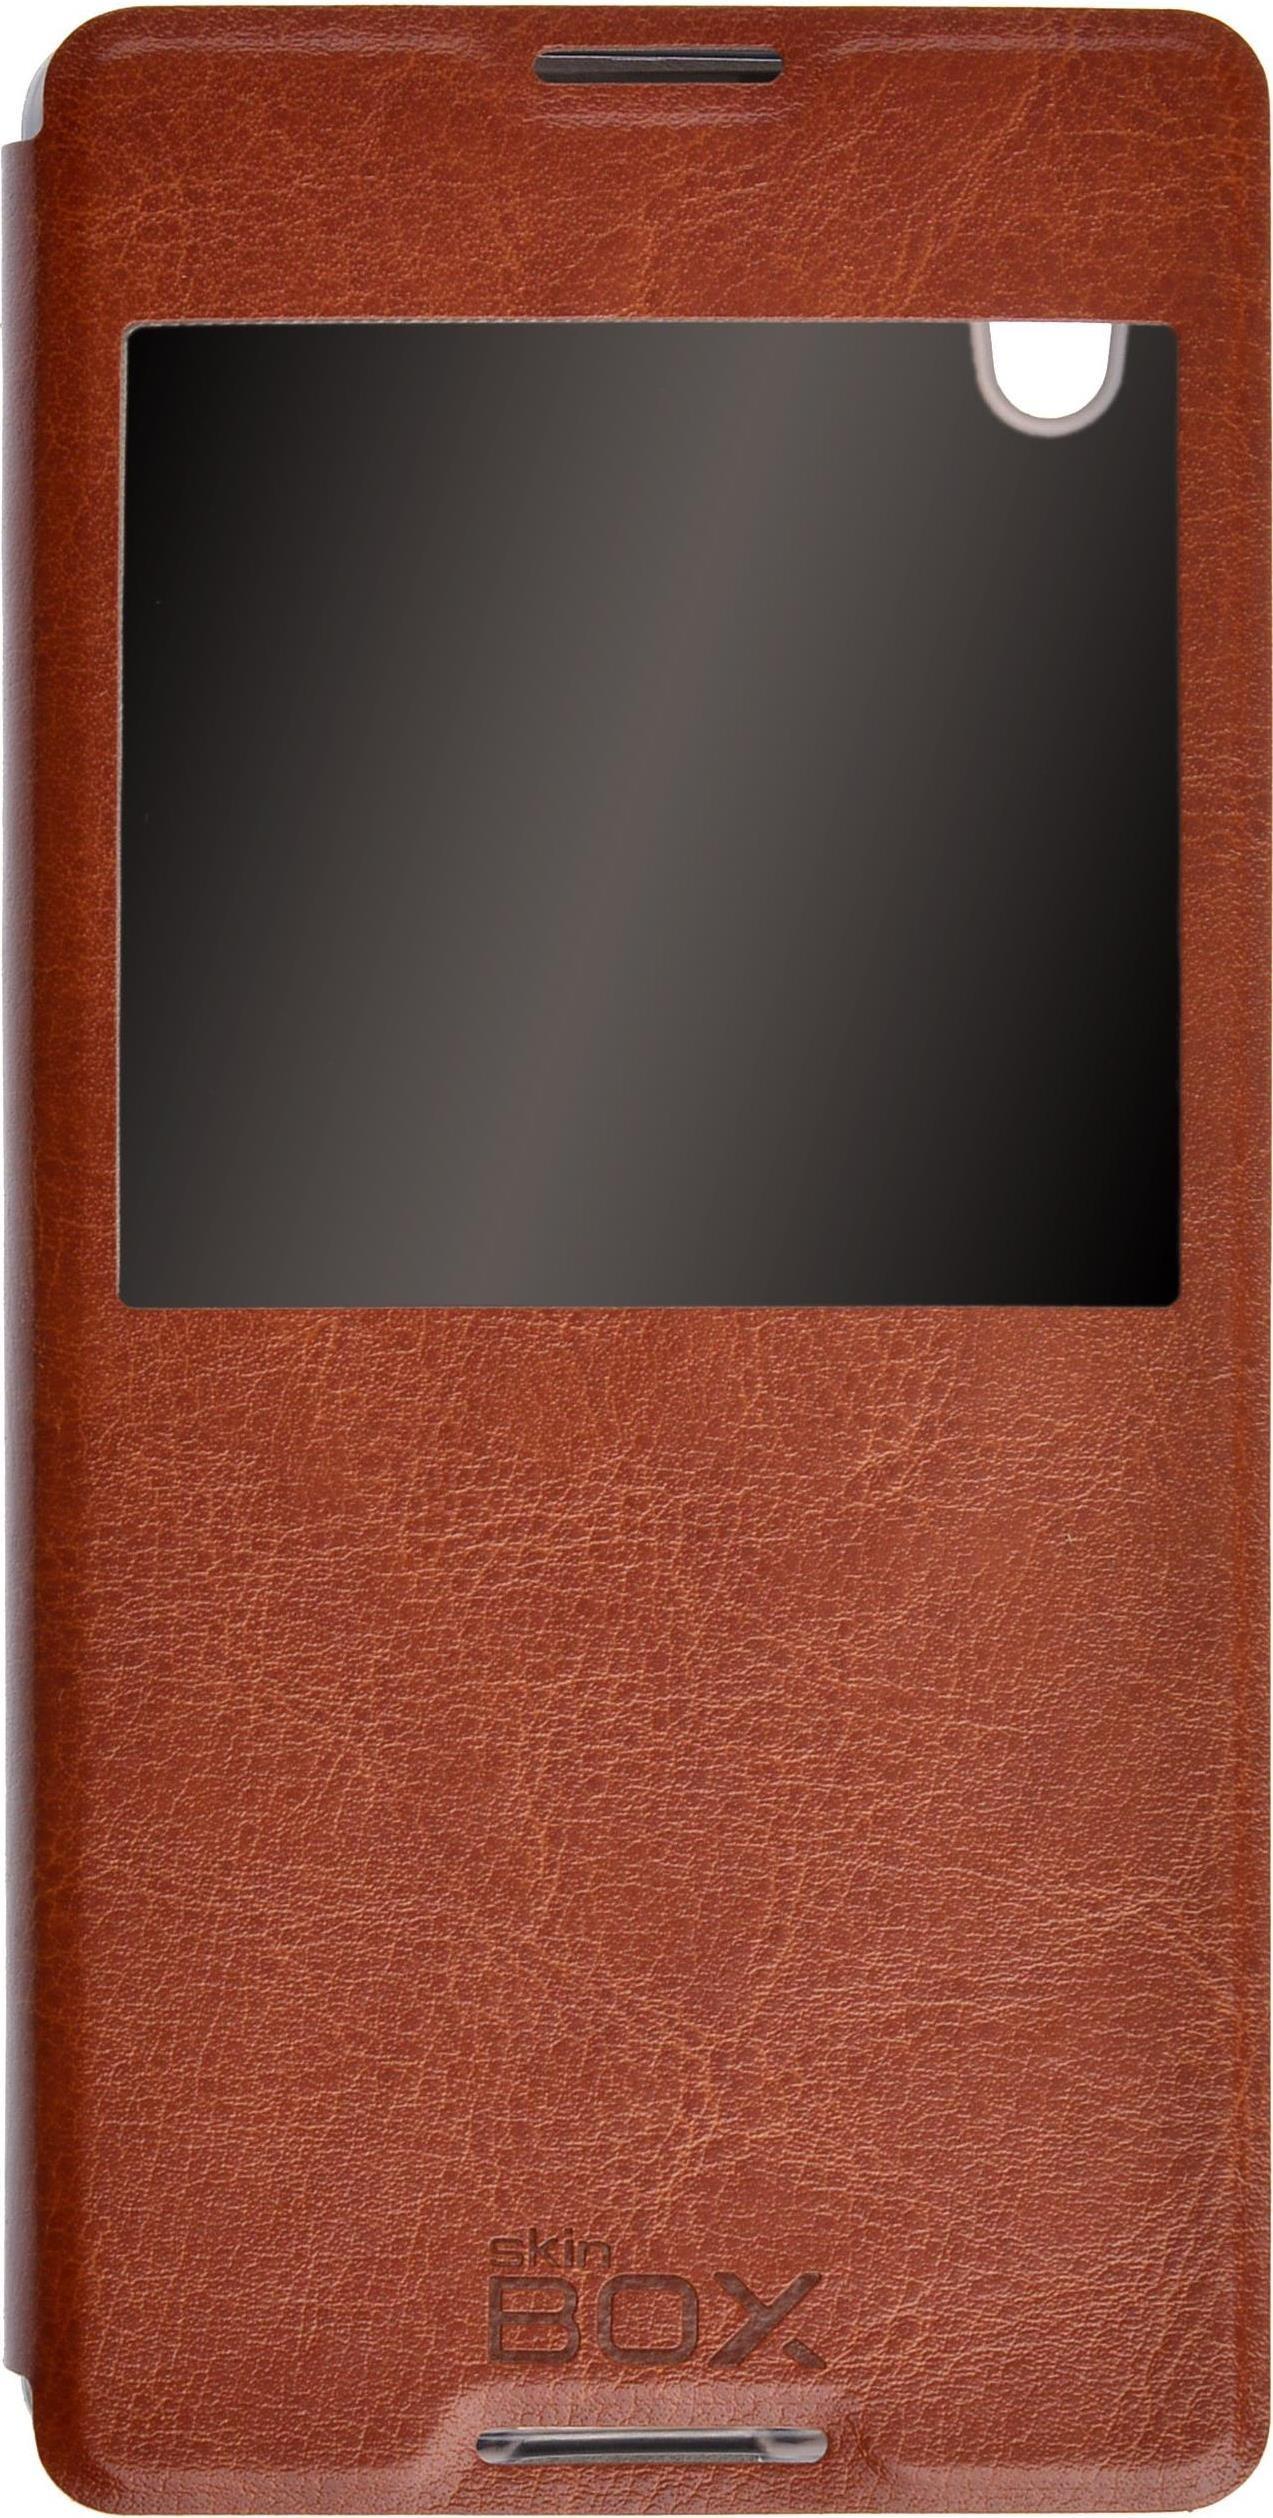 Чехол для сотового телефона skinBOX Lux AW, 4630042525511, коричневый все цены